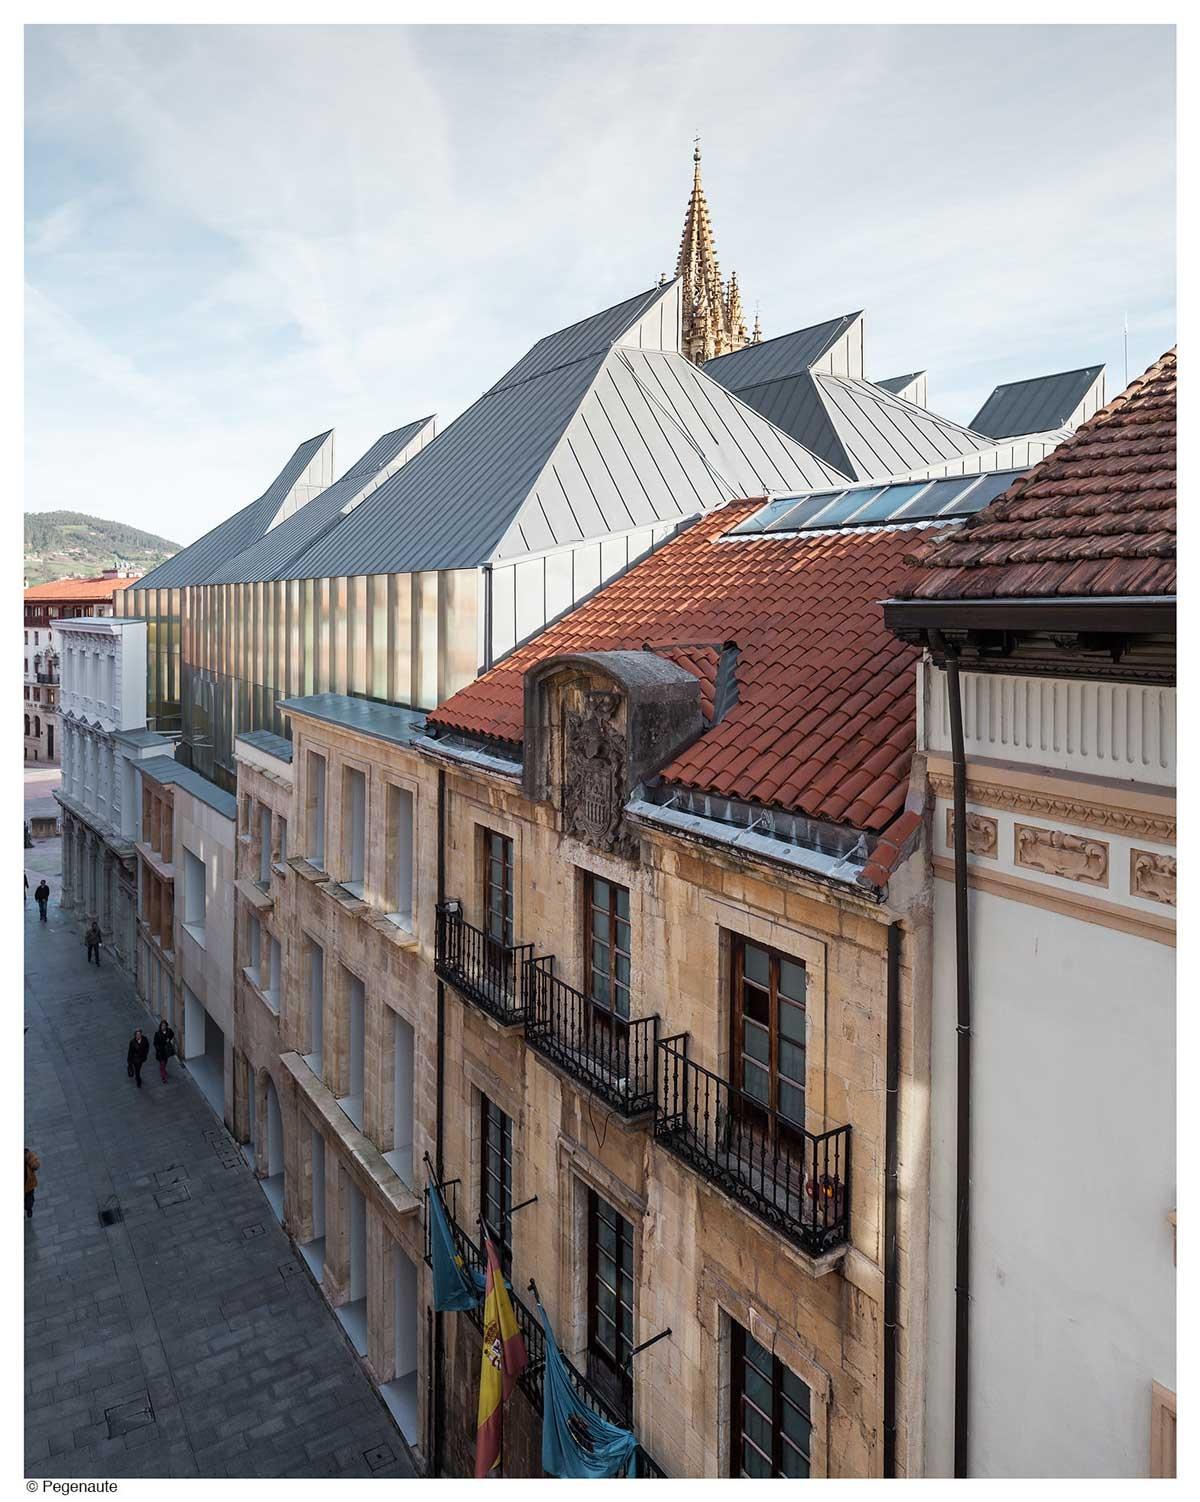 Patxi Mangado Museo de Bellas Artes de Asturias 02 1200x1502 c